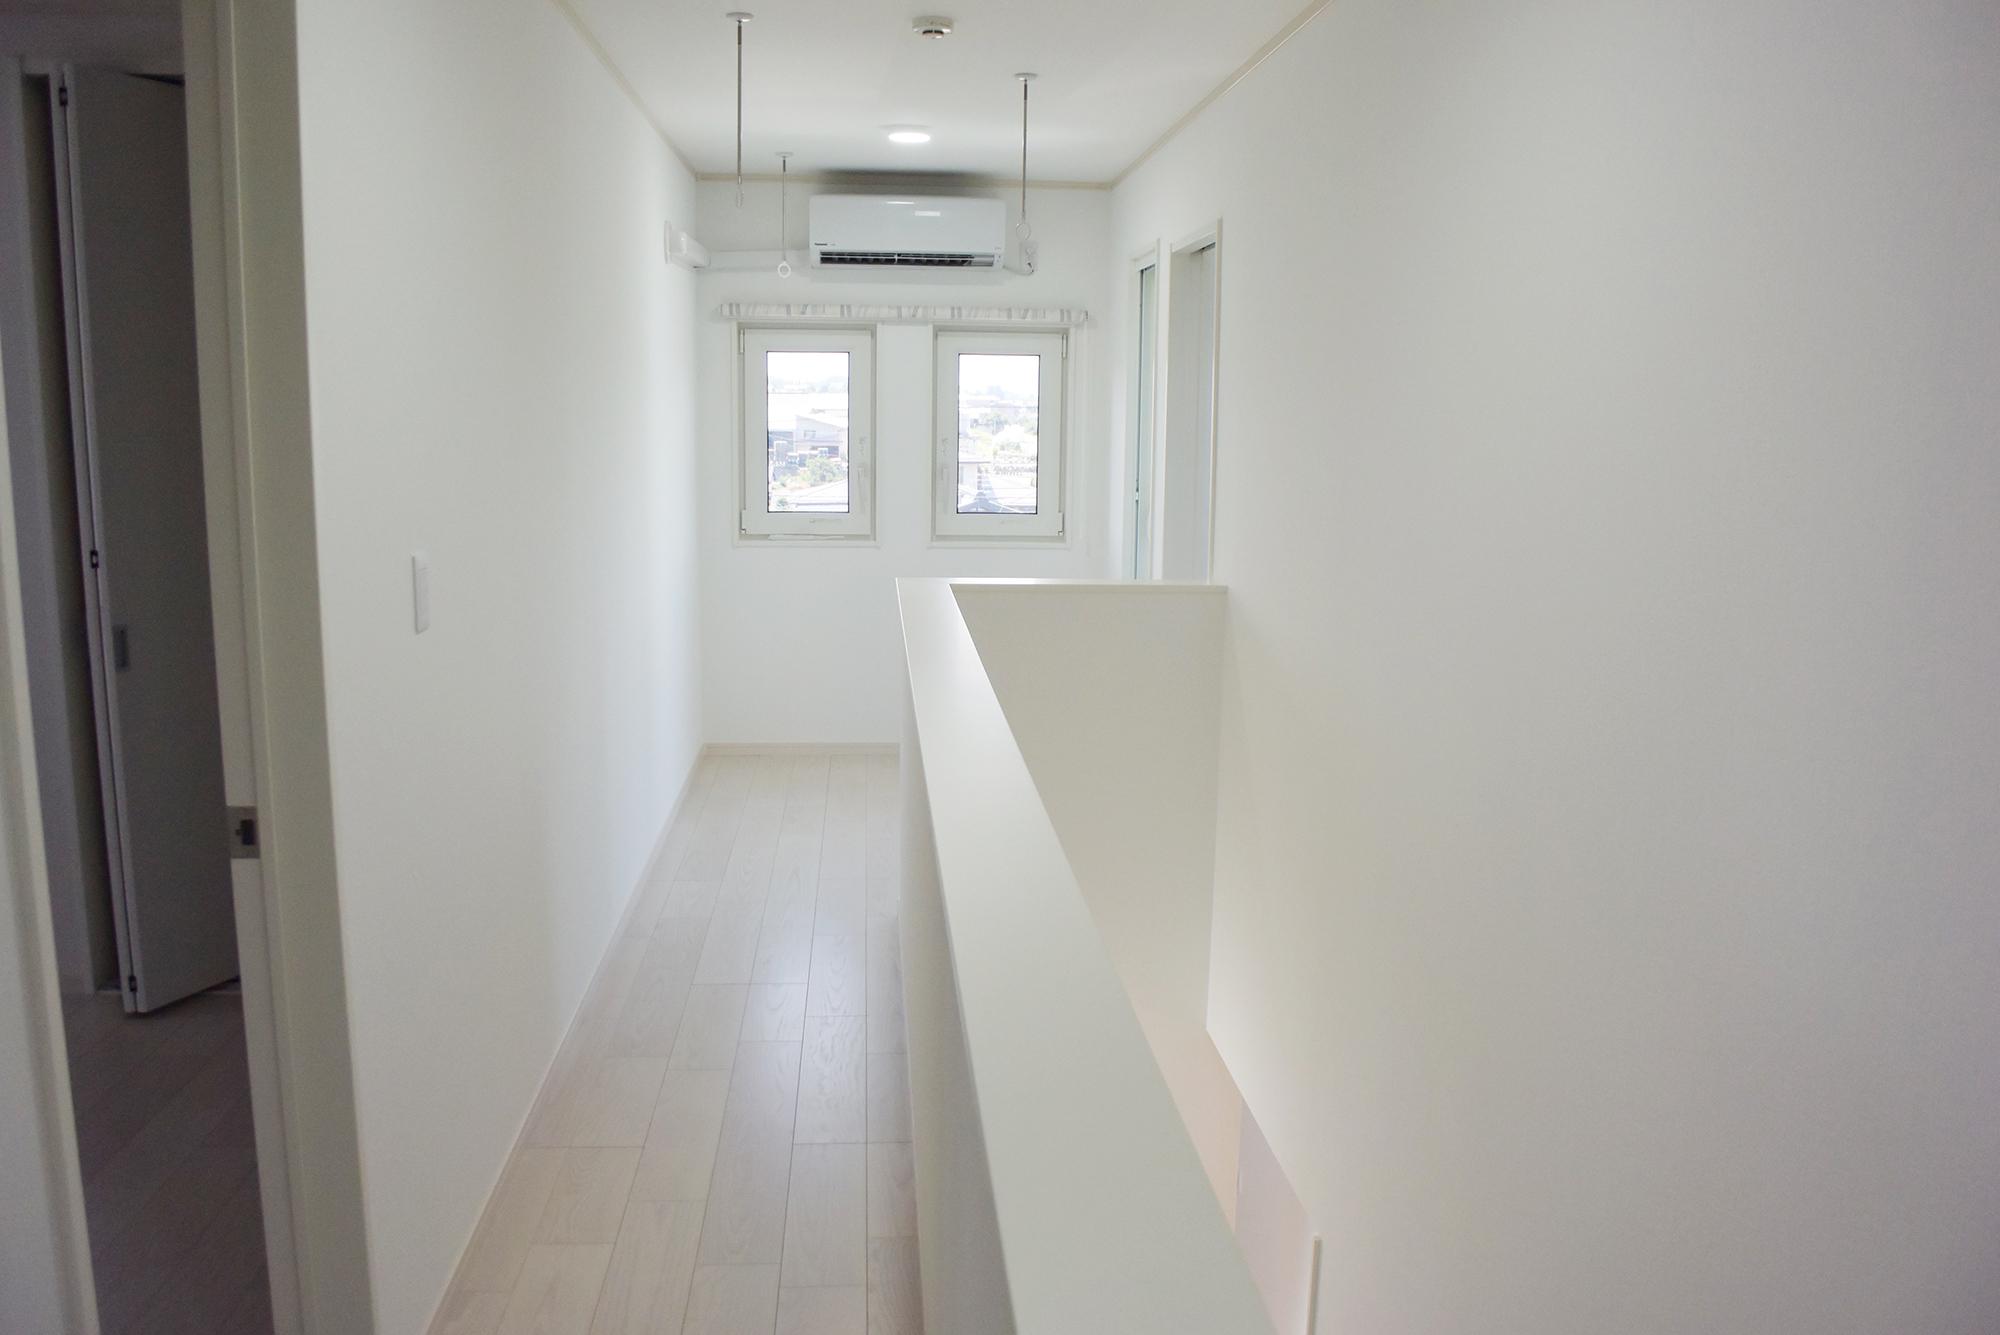 二階に上がると心地よい空間が広がります。